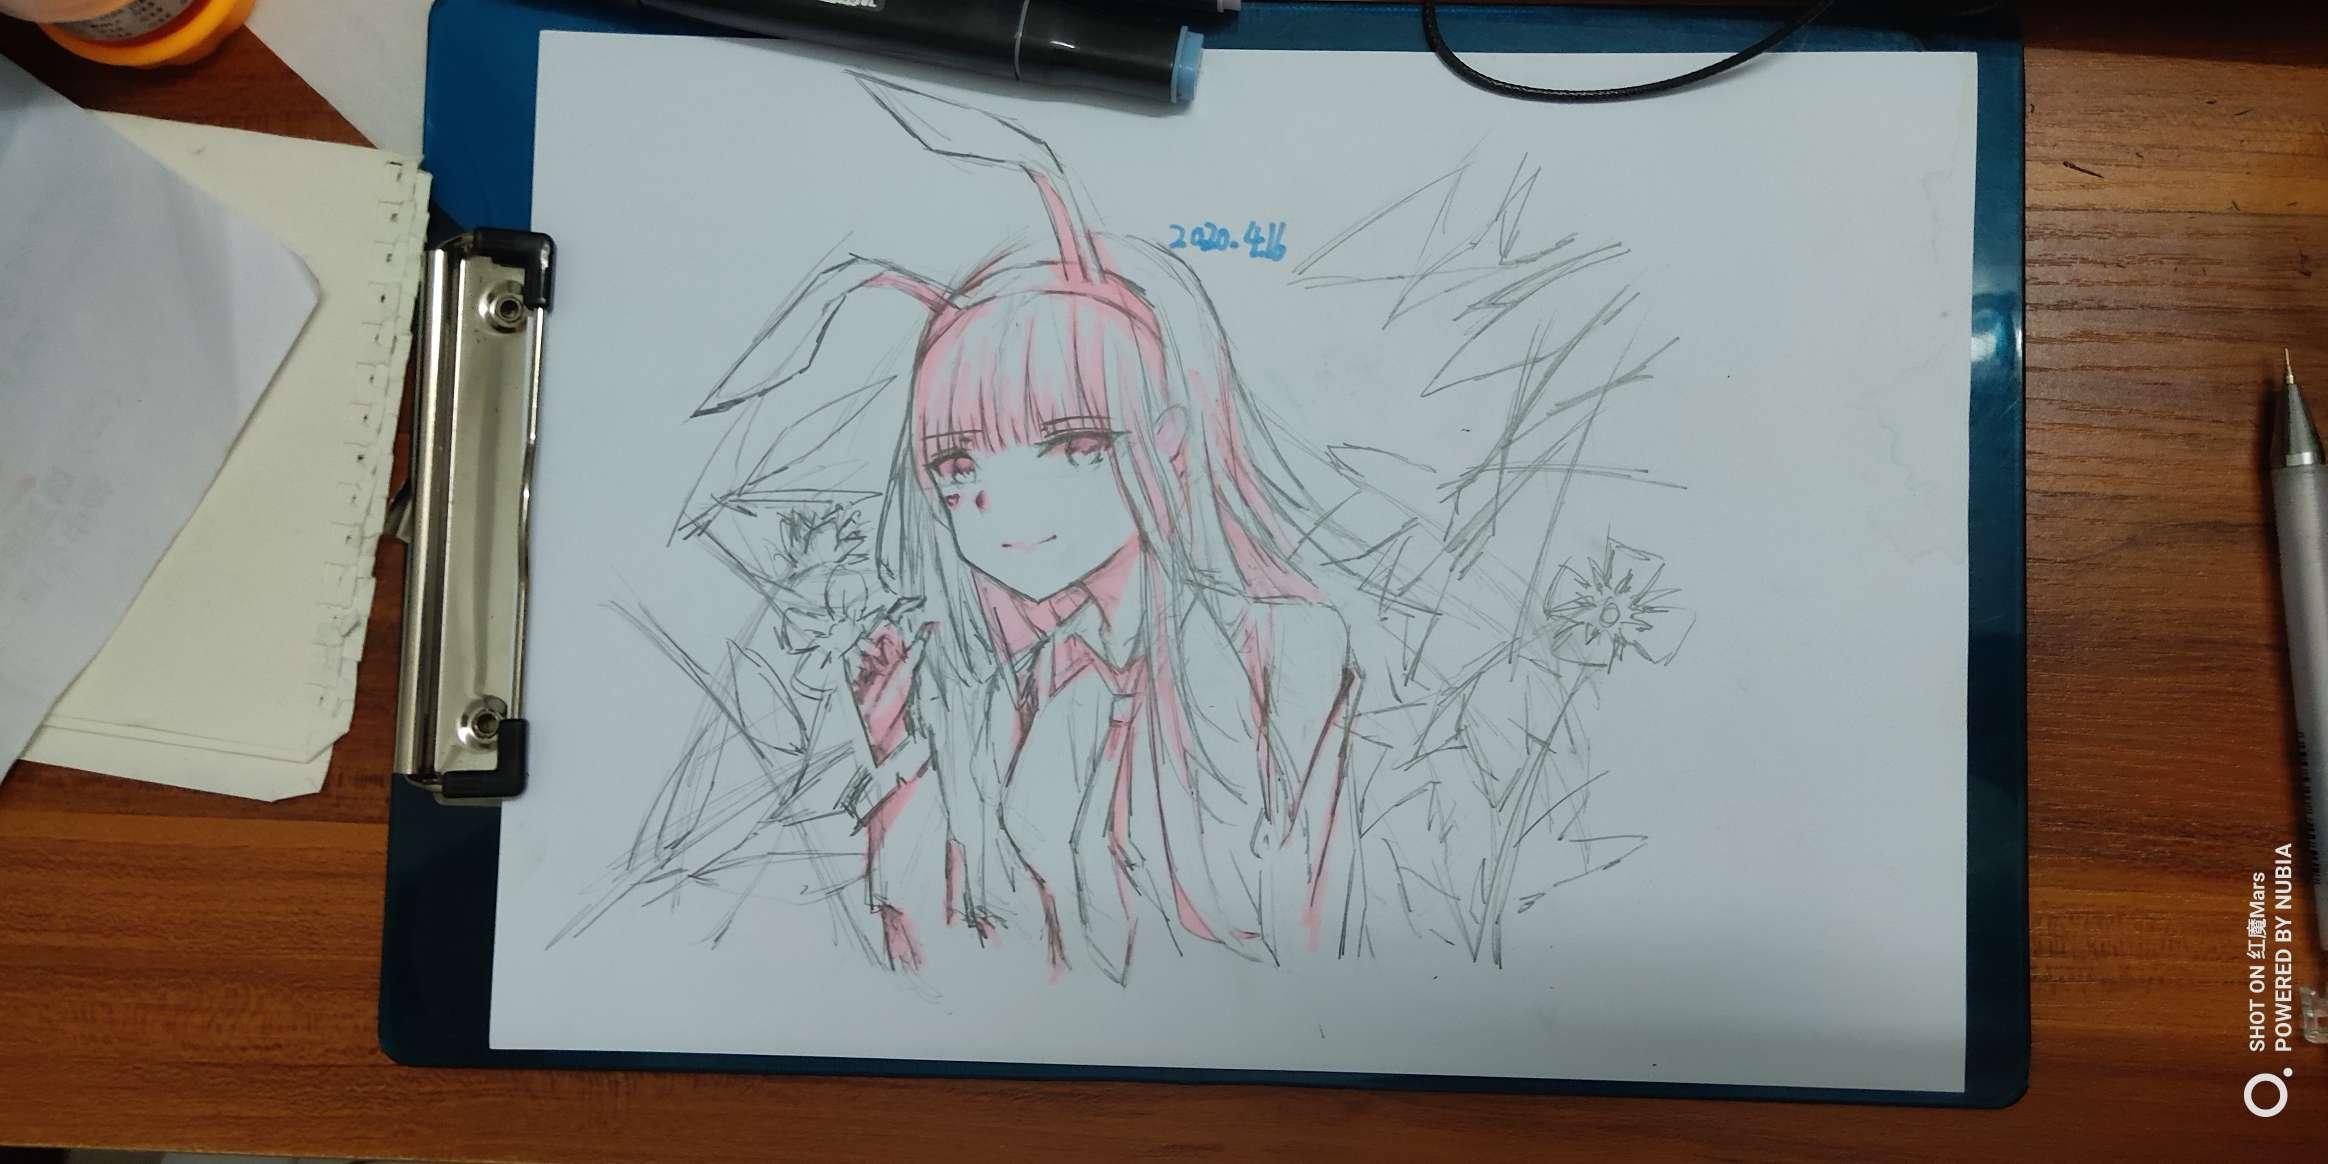 【手绘】随笔画,二次元美女啪啪污漫-小柚妹站